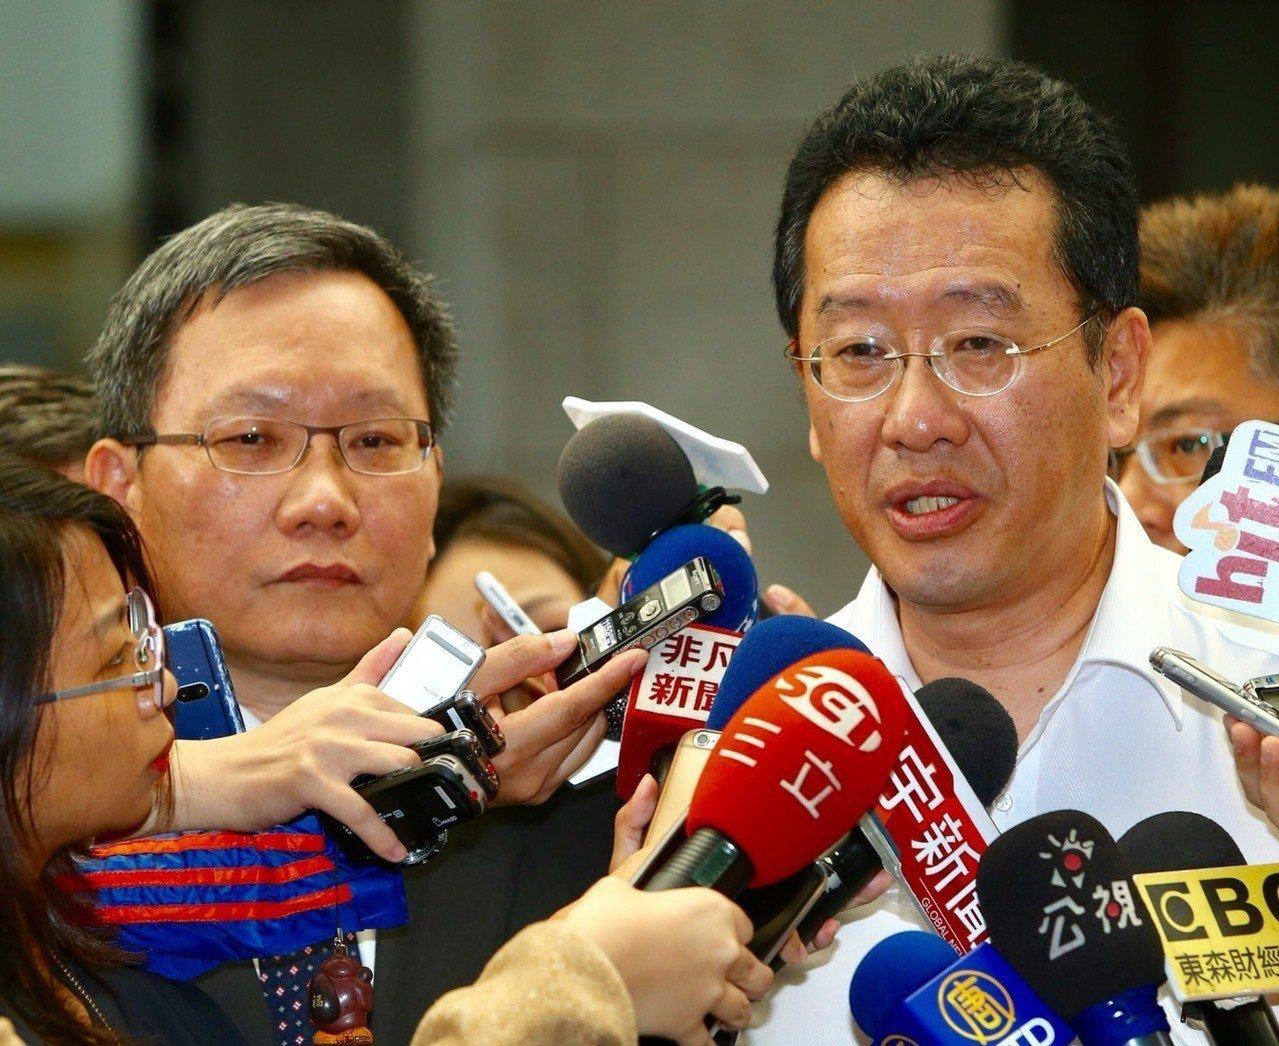 財政部長蘇建榮(左)與金管會主委顧立雄(右)上午在行政院會後接受訪問,顧立雄表示...